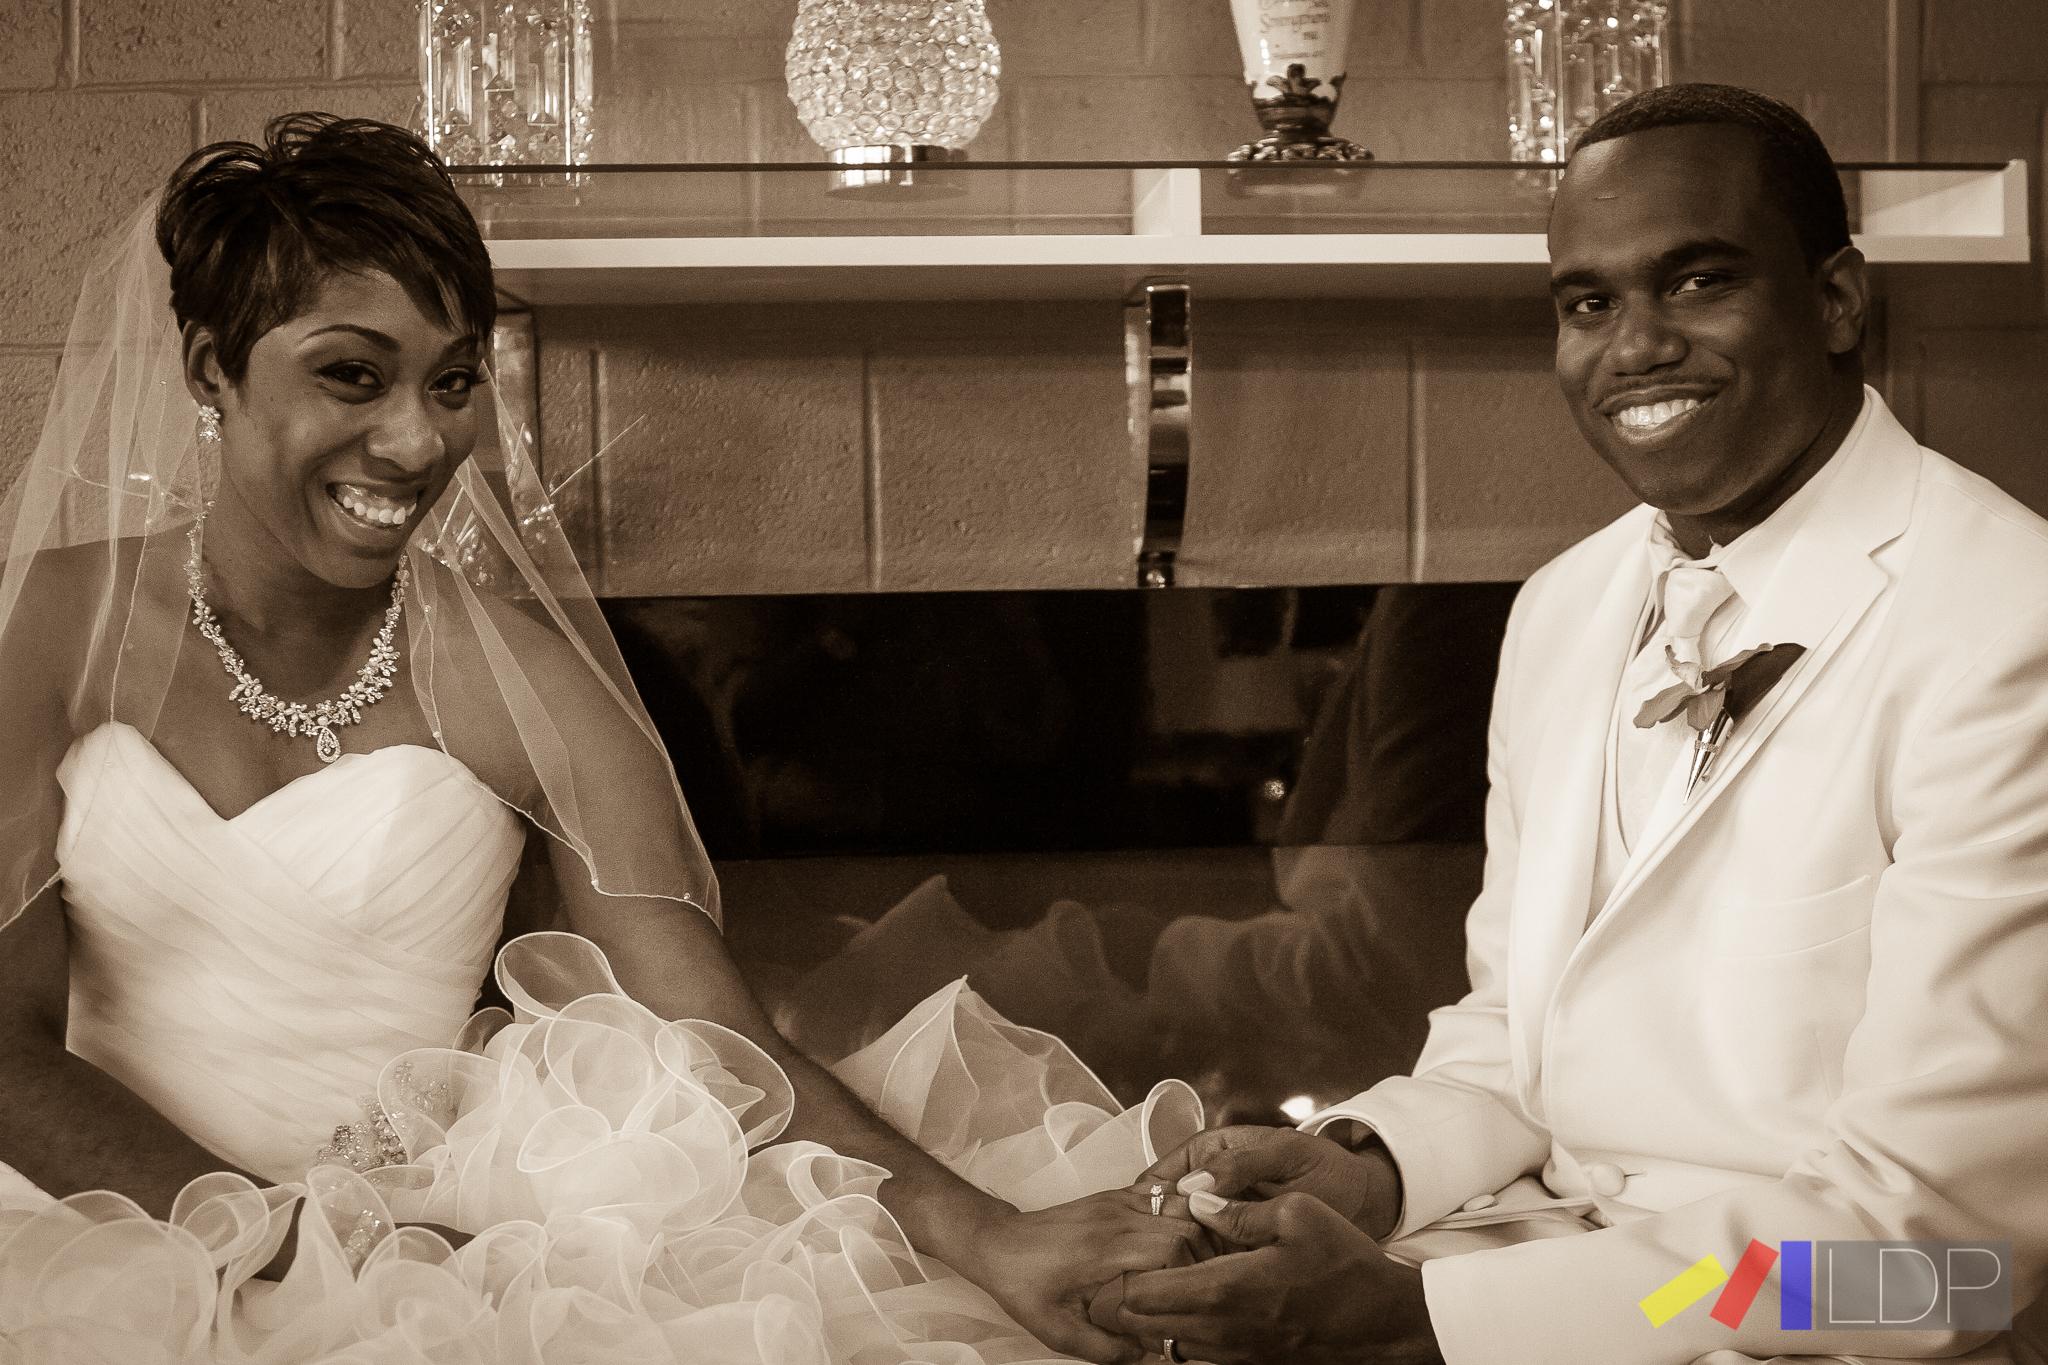 Weddings by LDP